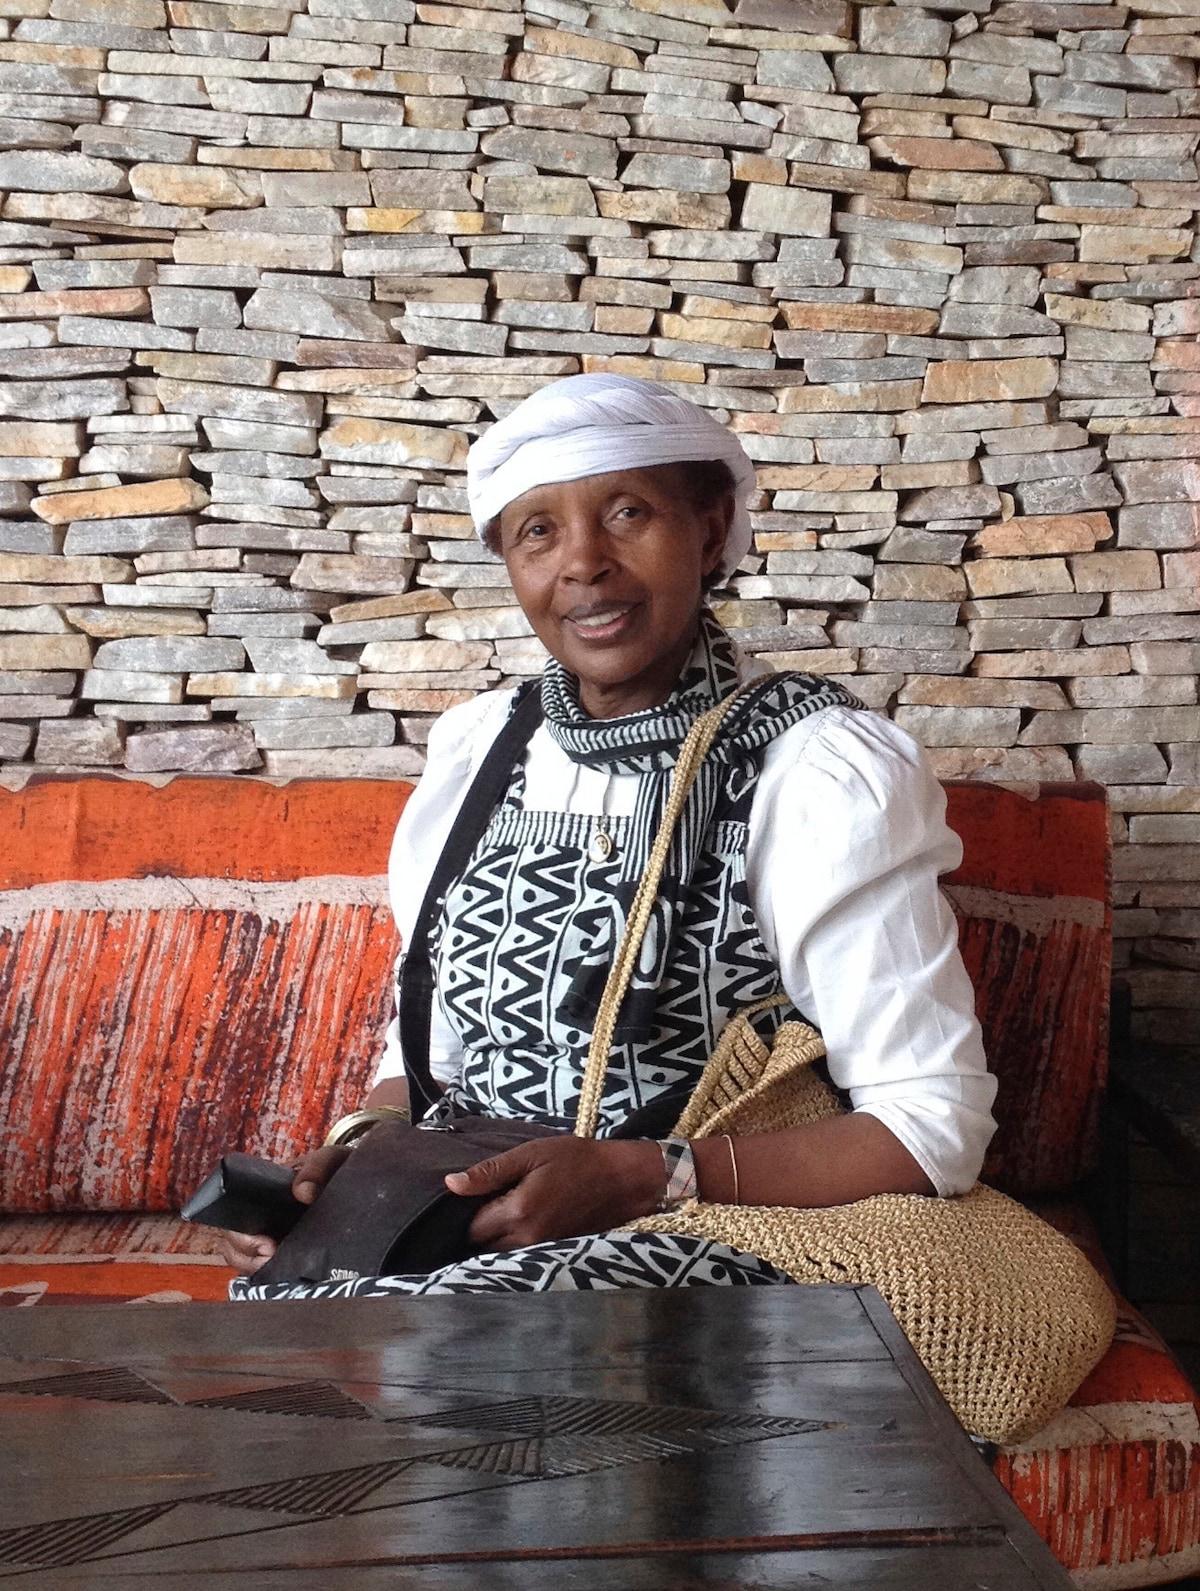 Kaïga from Kigali